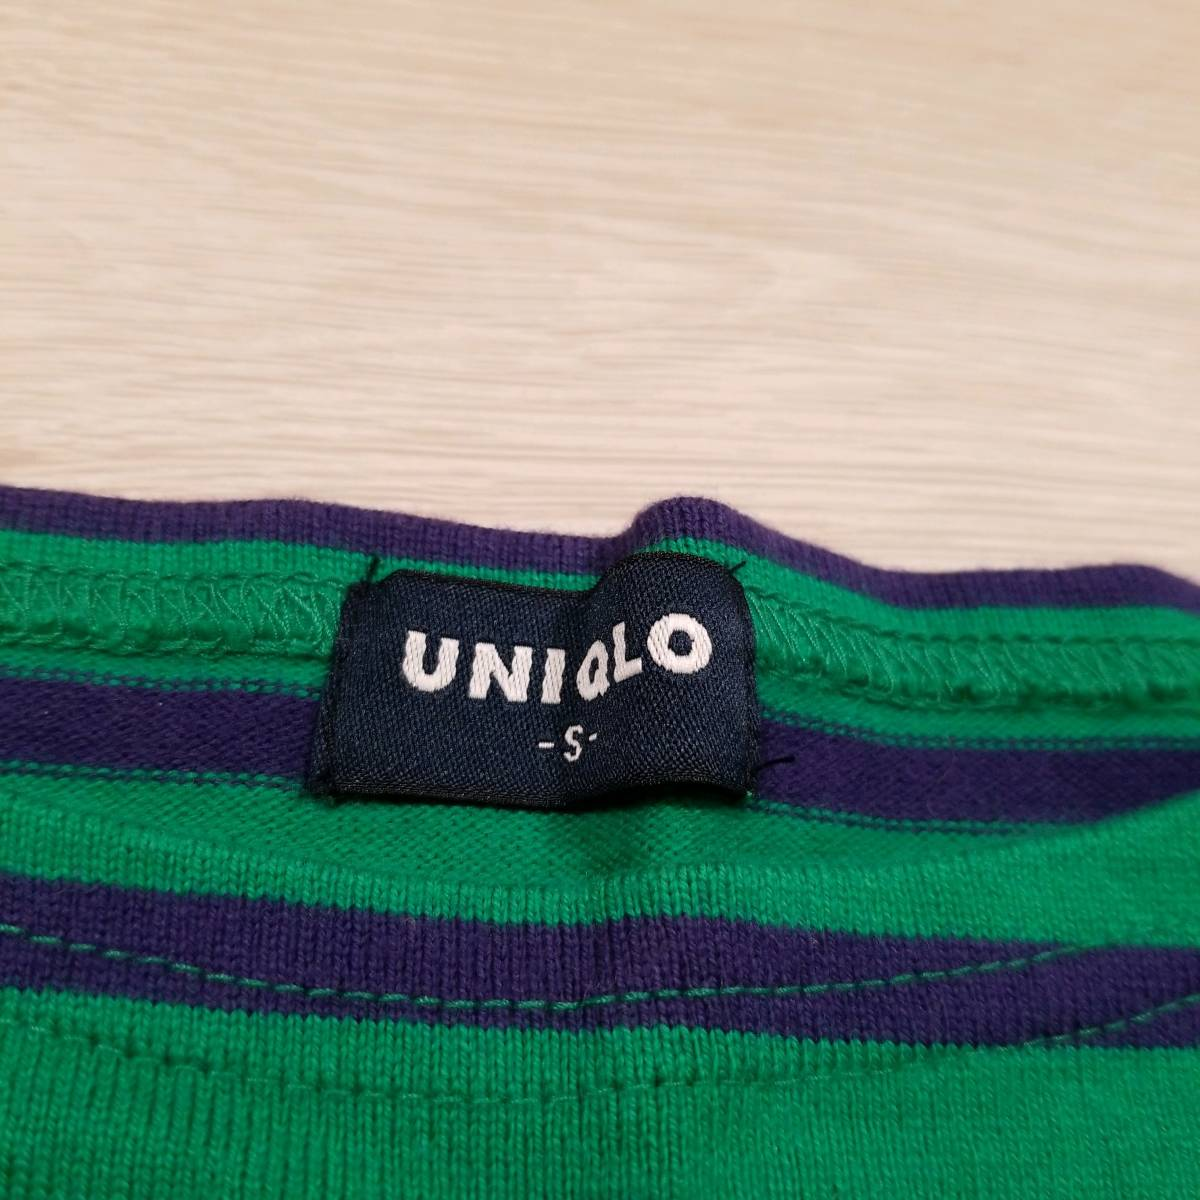 K559 最終値下げ UNIQLO ユニクロ Tシャツ S メンズ カットソー 半袖 緑系 グリーン系 綿100% コットン ボーダー..